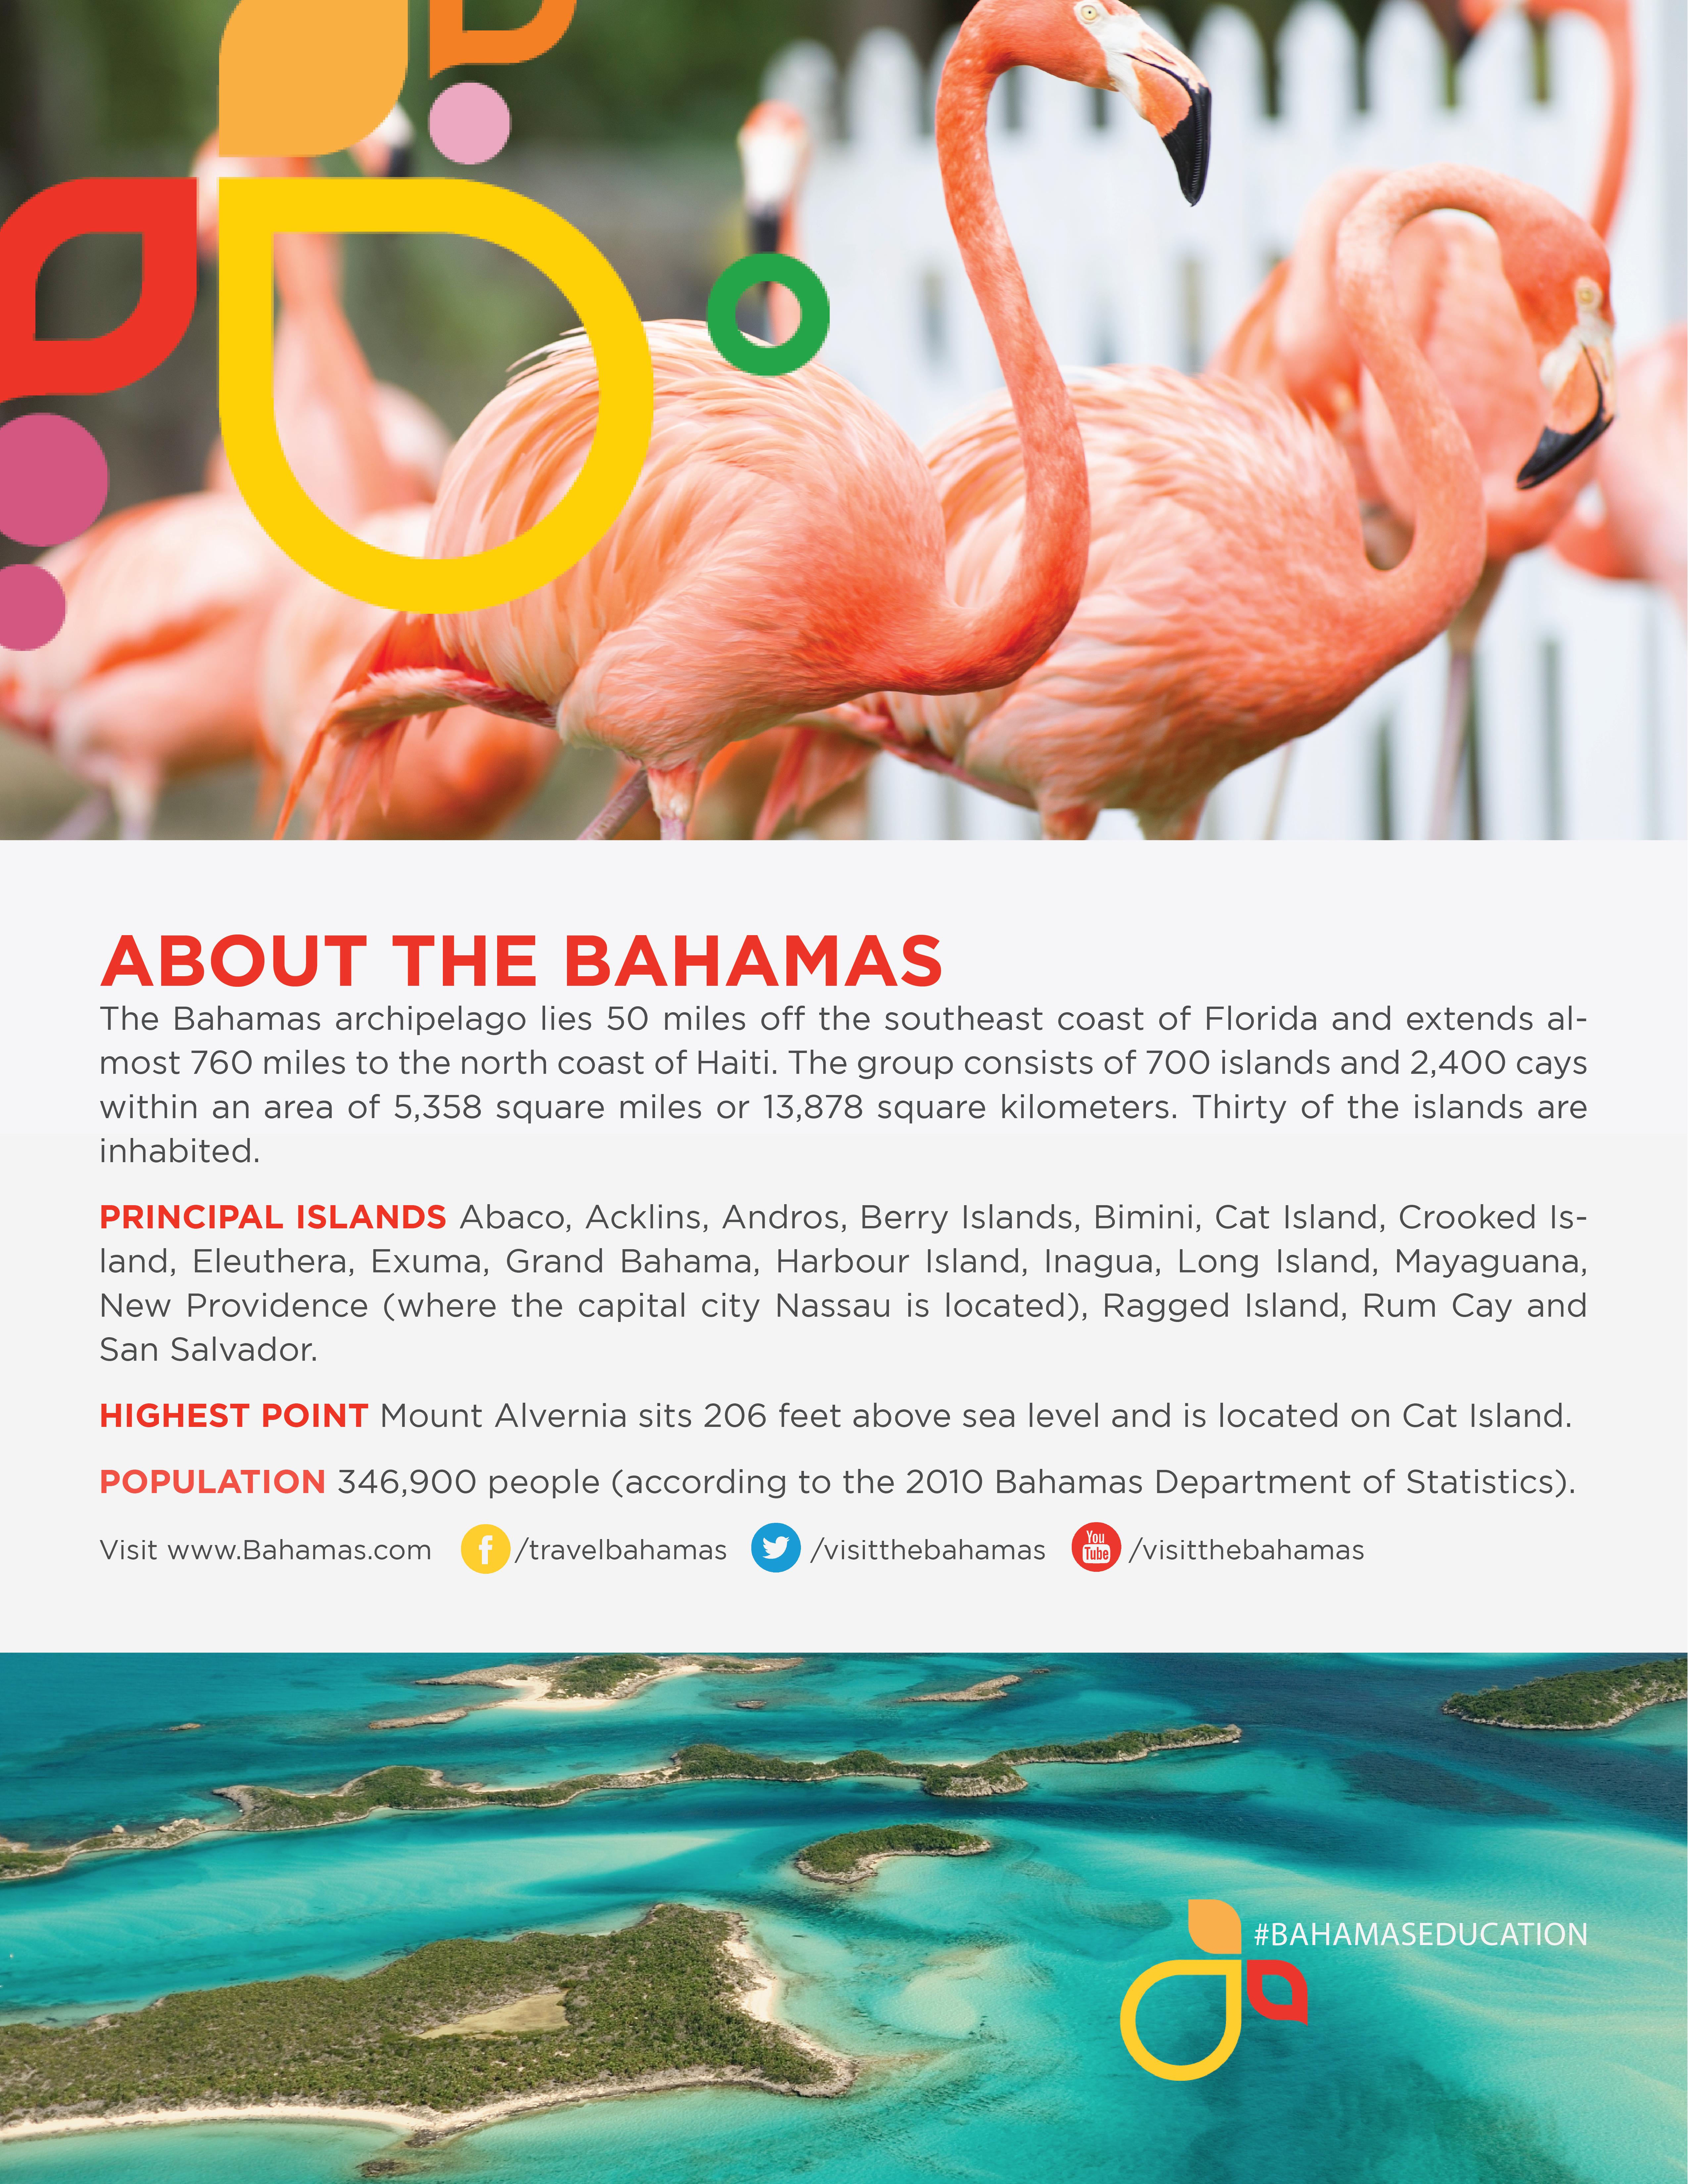 Educational Tourism Brochure